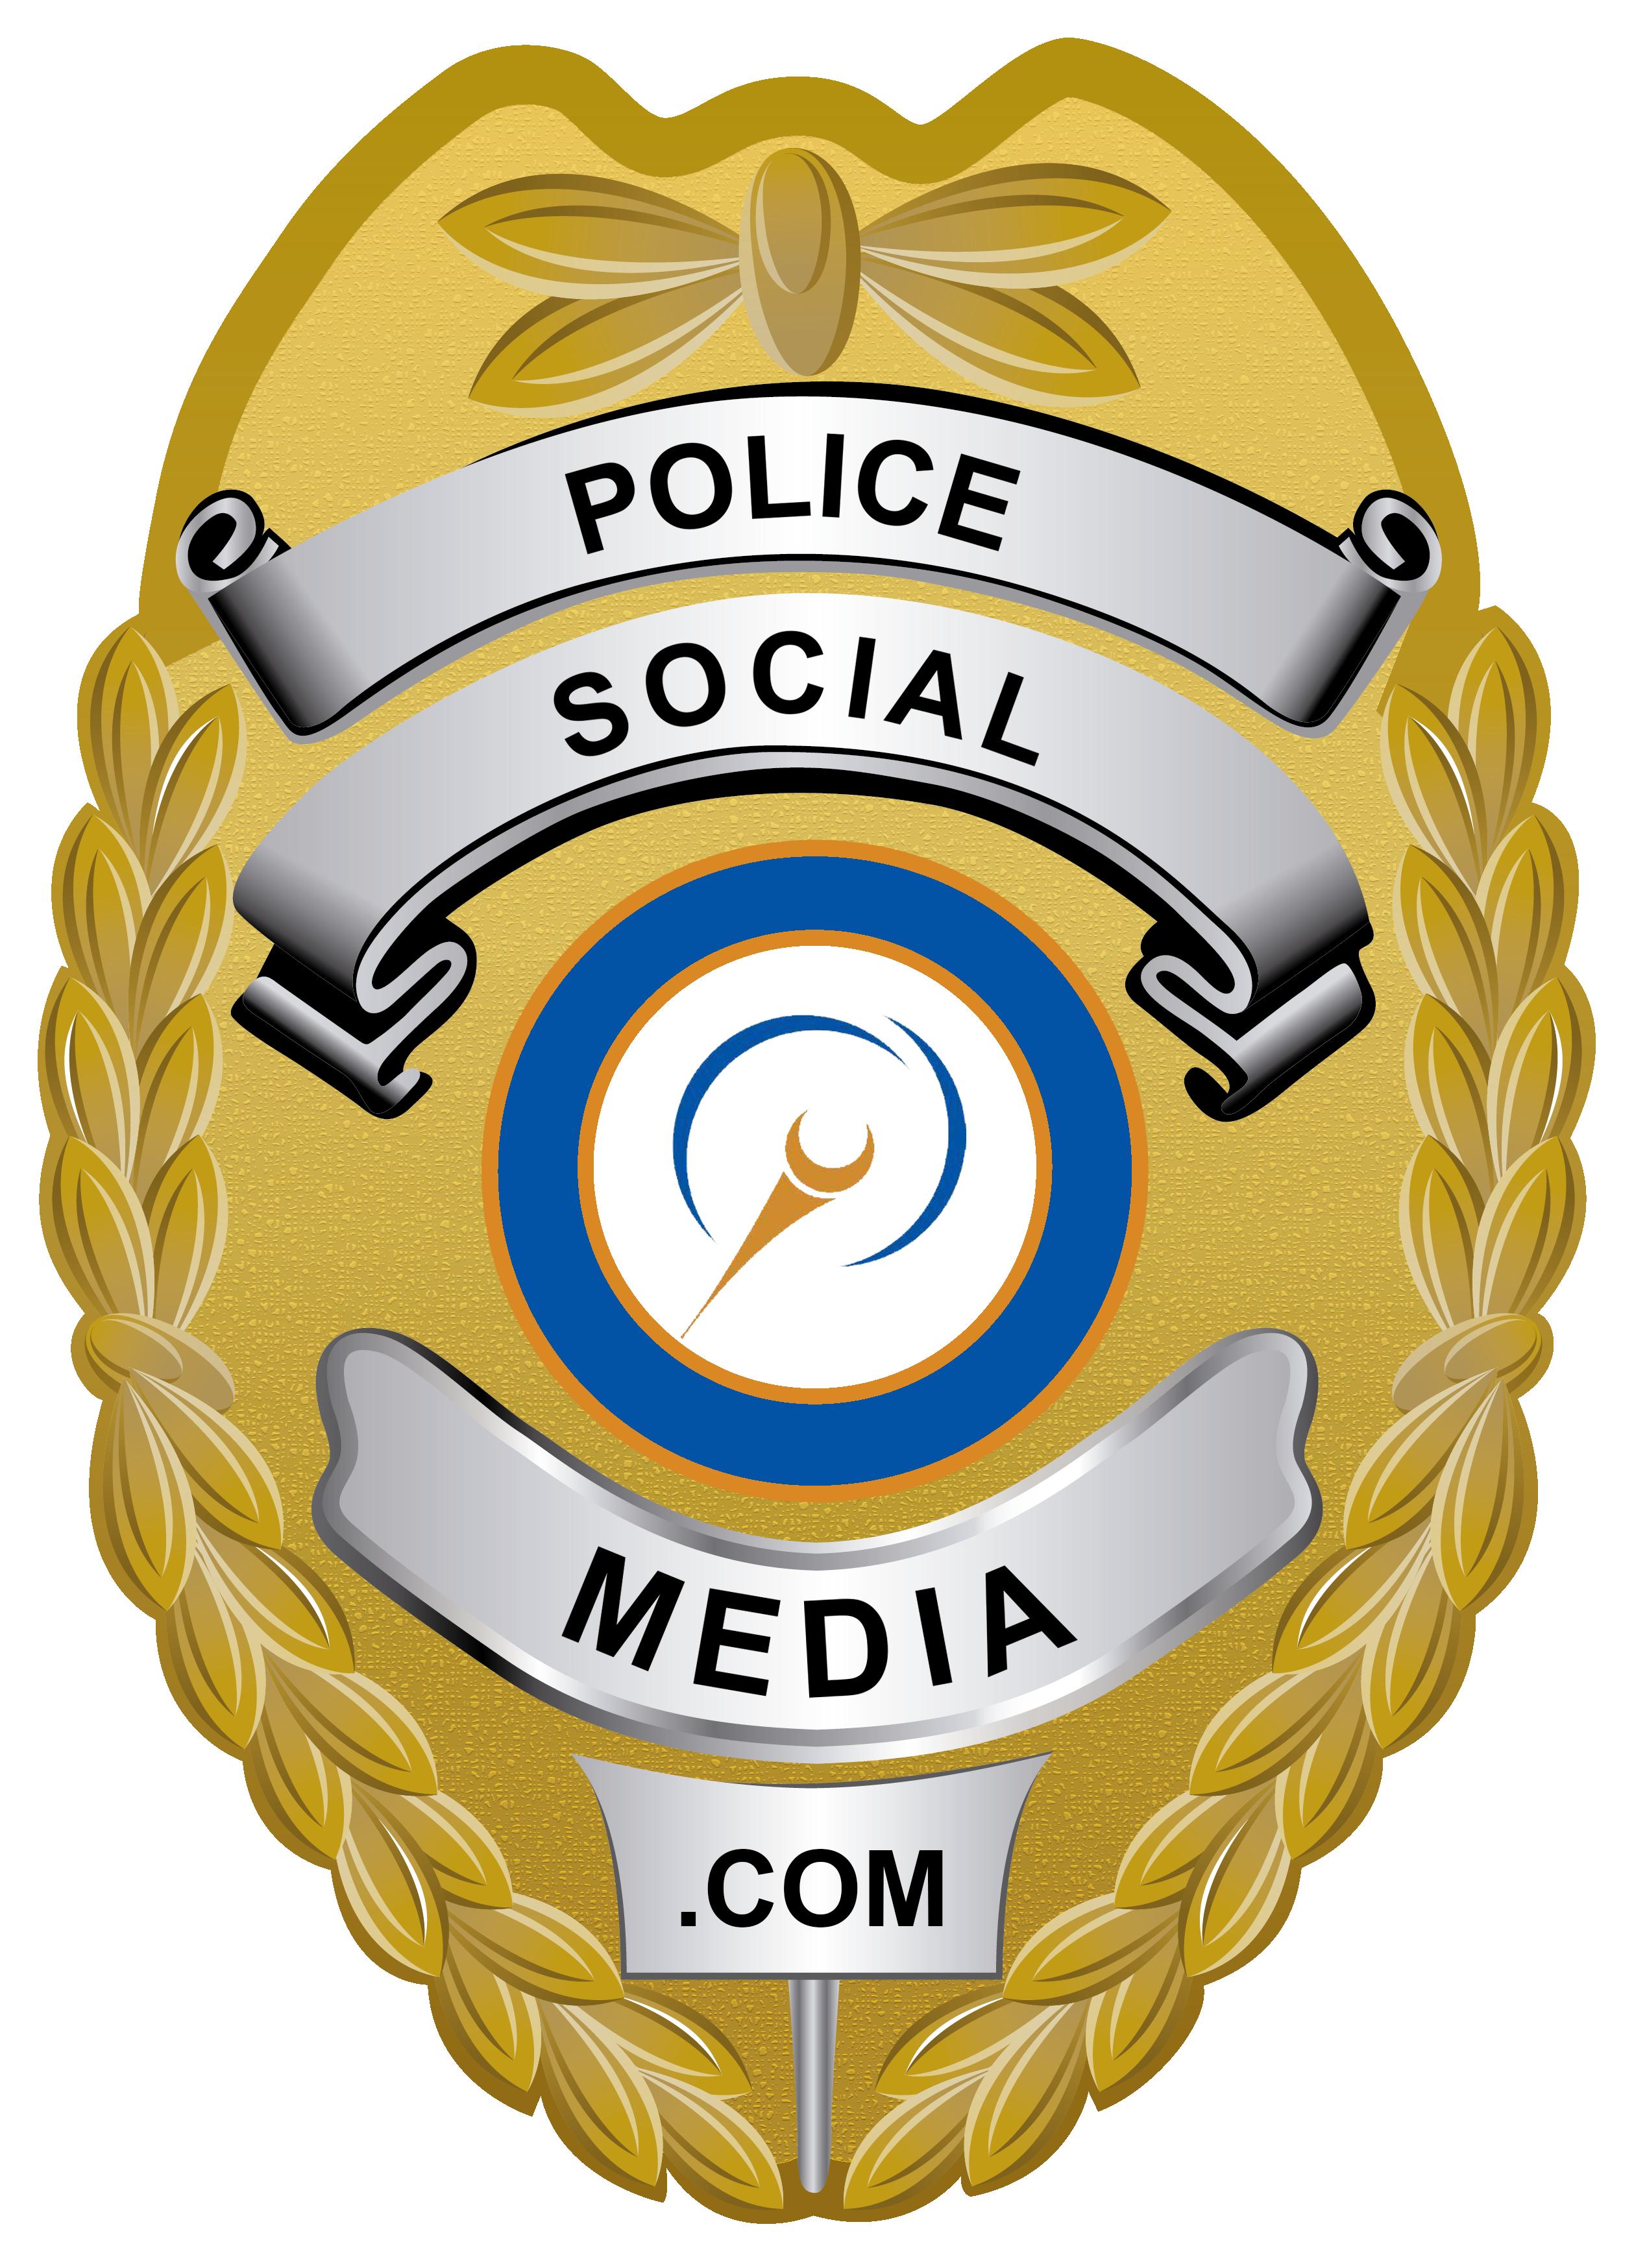 Police Social Media Training